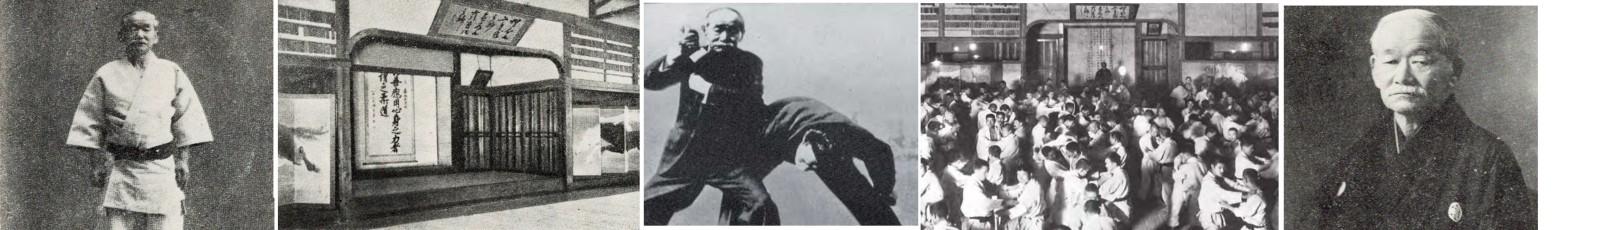 Kodokan Judo Kidokai